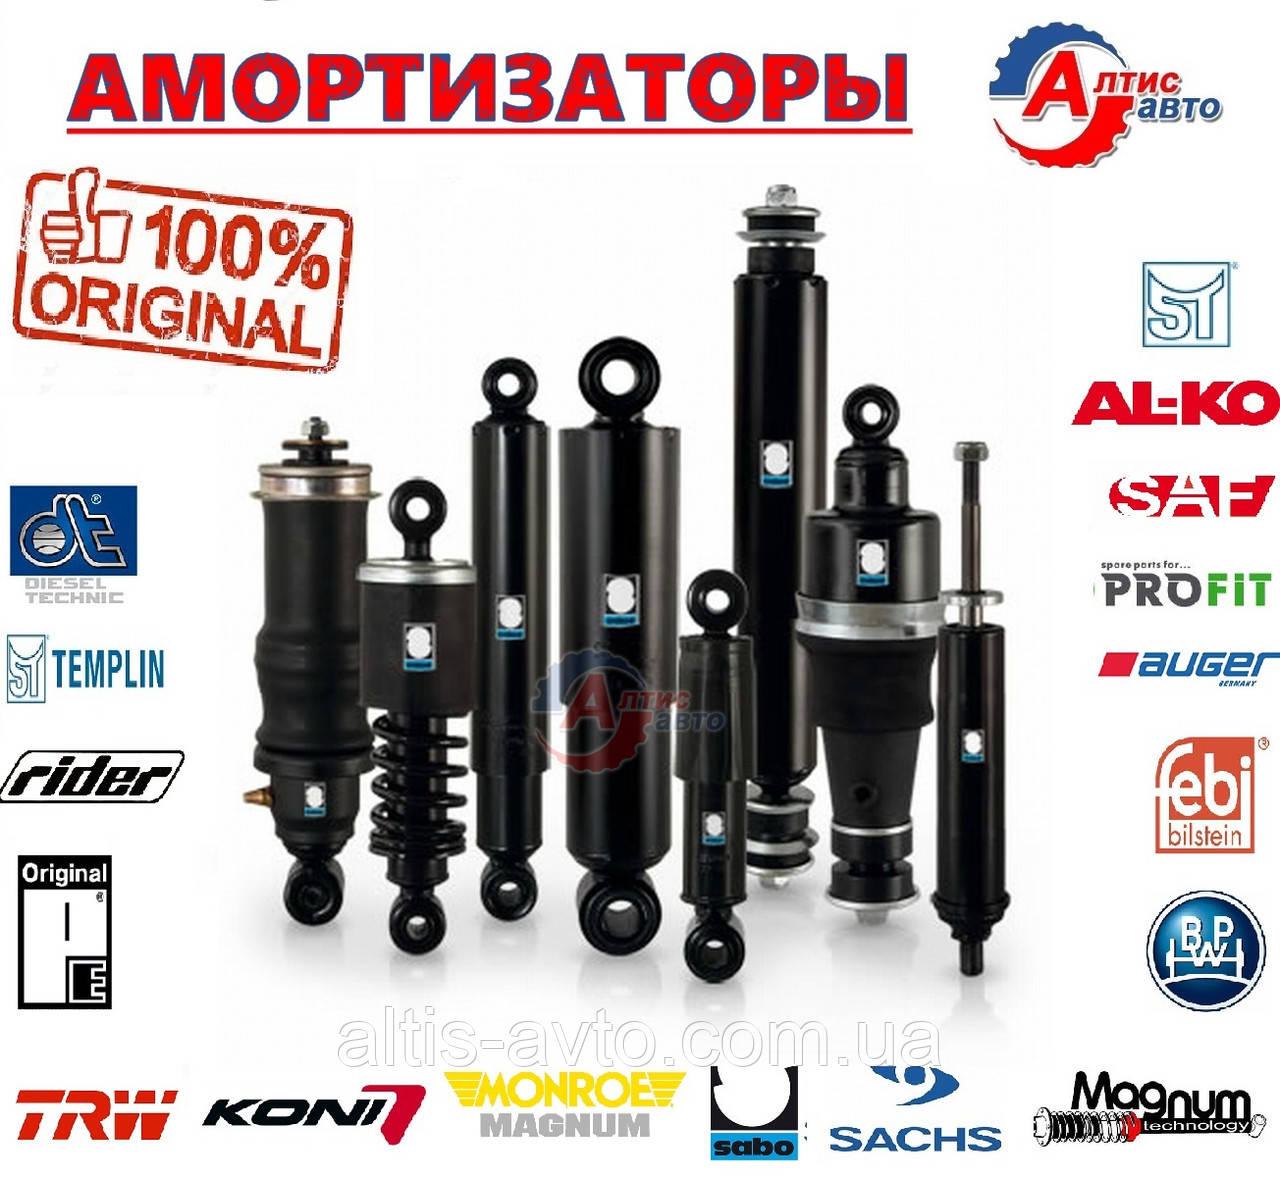 Амортизаторы для DAF всех моделей XF 95 105 CF 85 65 LF 45 55 (Евро-2 3 5)